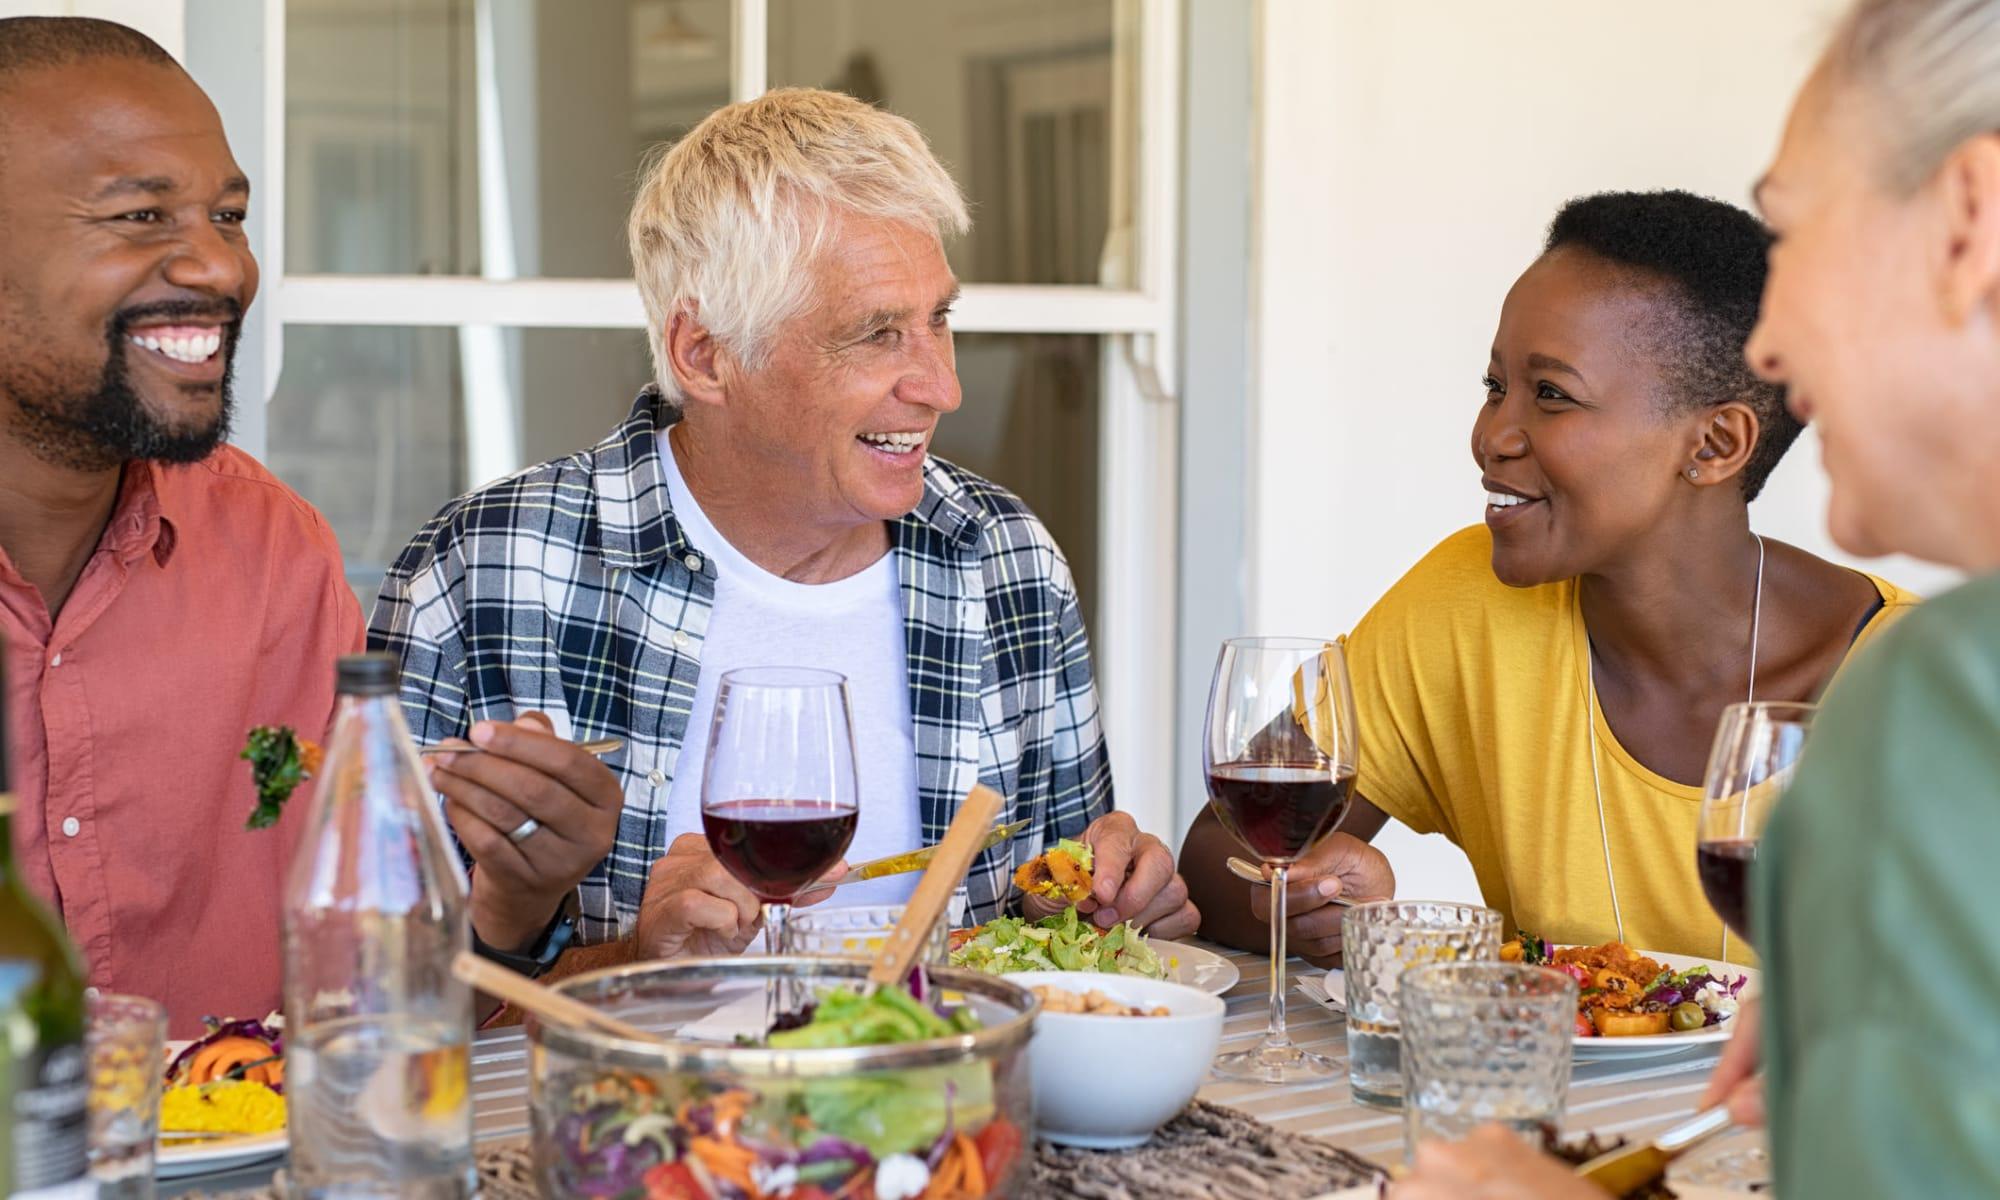 Residents dining outside at Broadwell Senior Living in Kearney, Nebraska